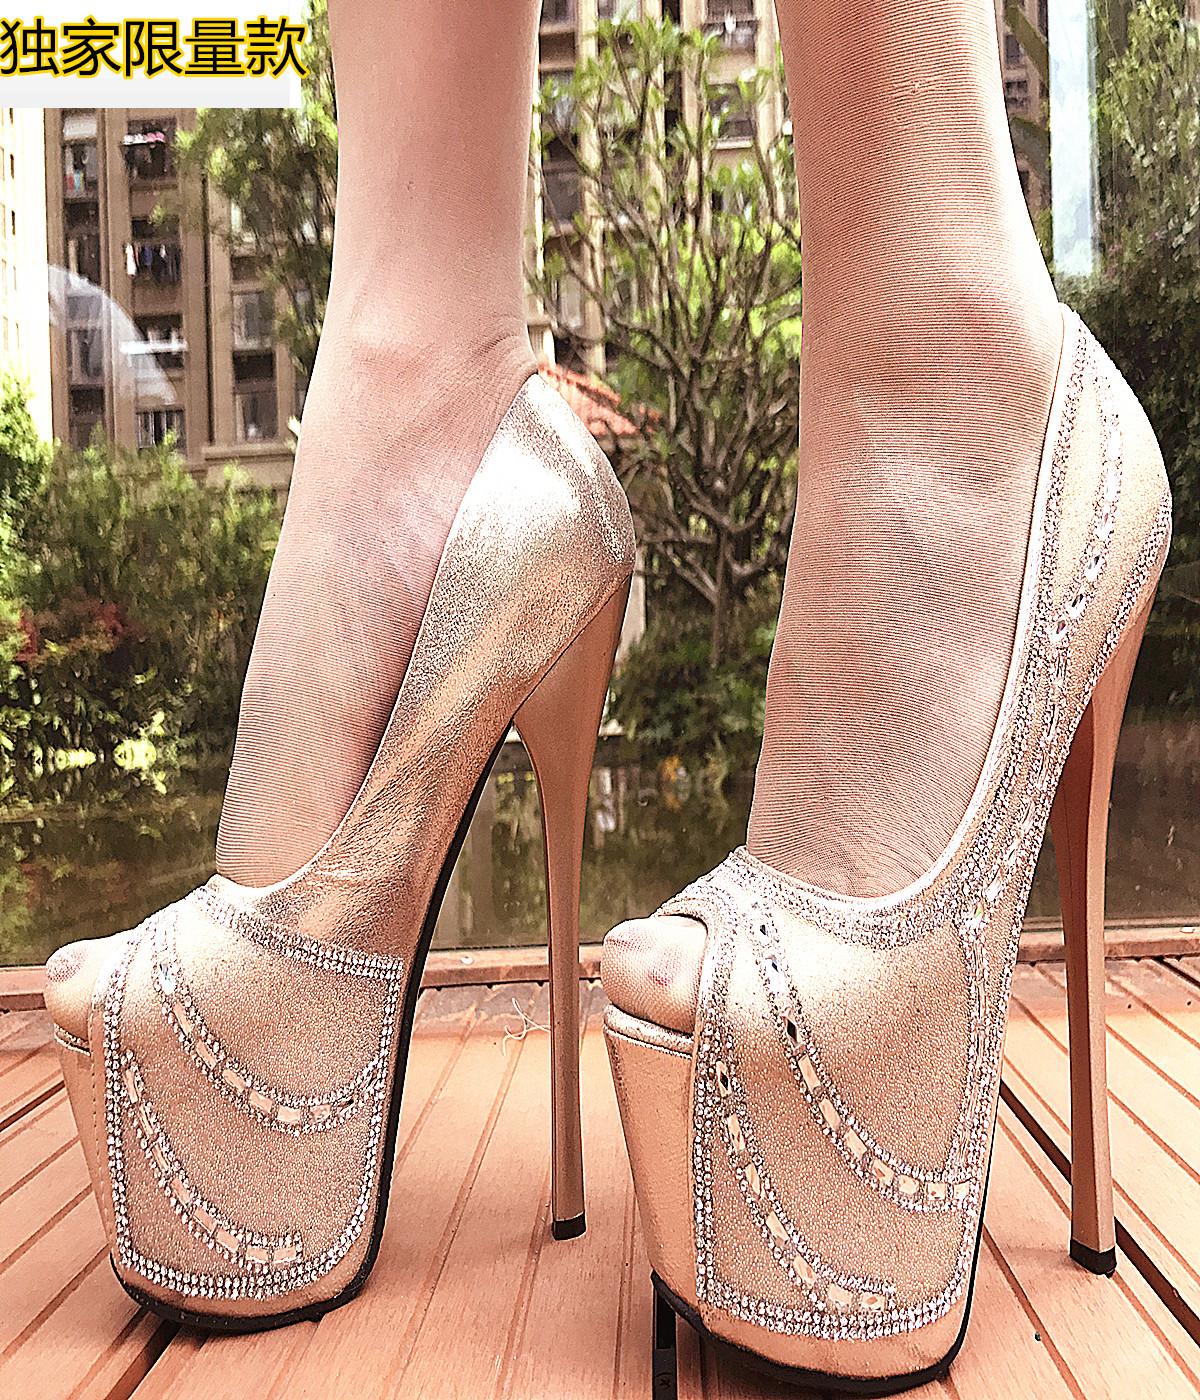 水钻鱼嘴性感超高跟16CM细跟走秀单鞋防水台高档奢侈凉鞋女恨天高